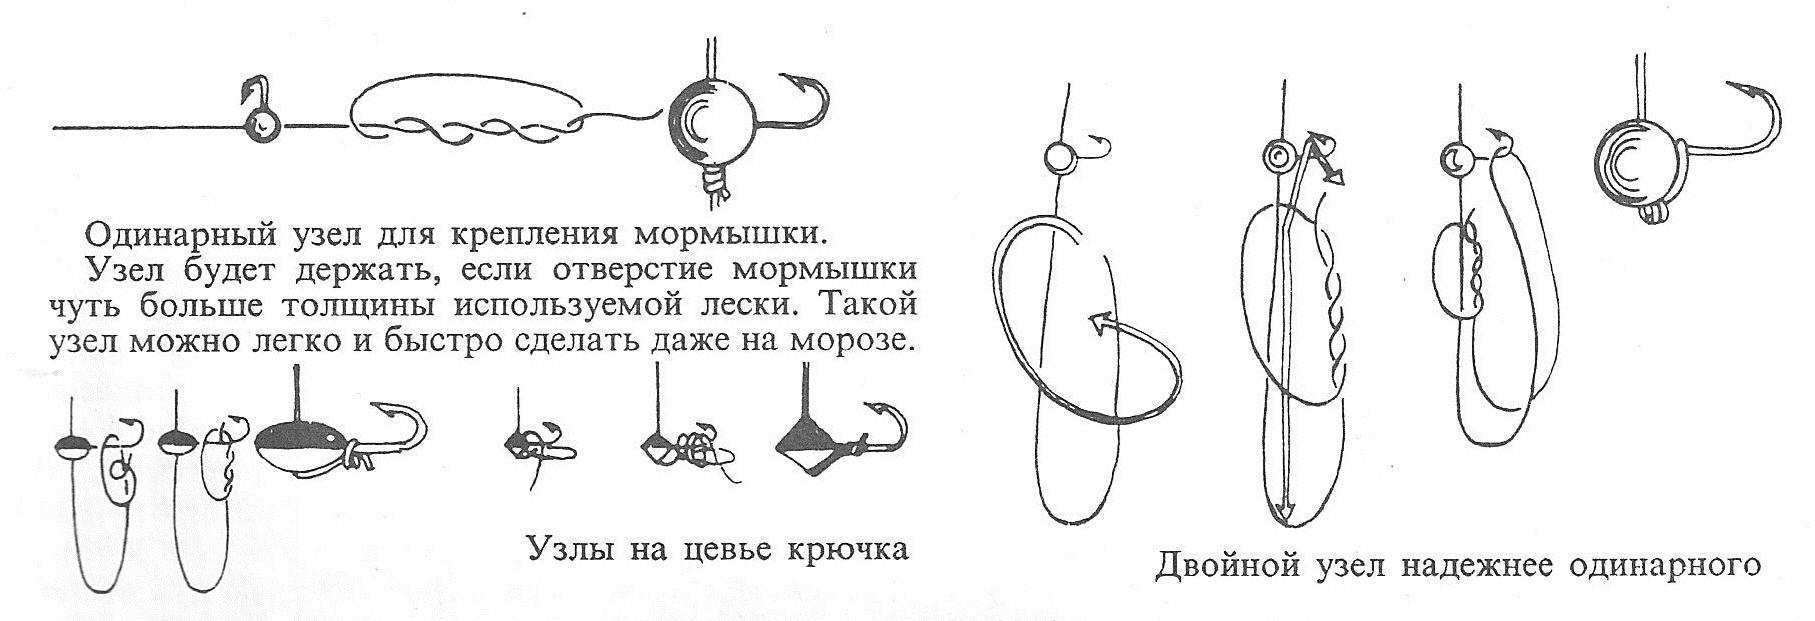 рыболовные узлы для мормышек видео